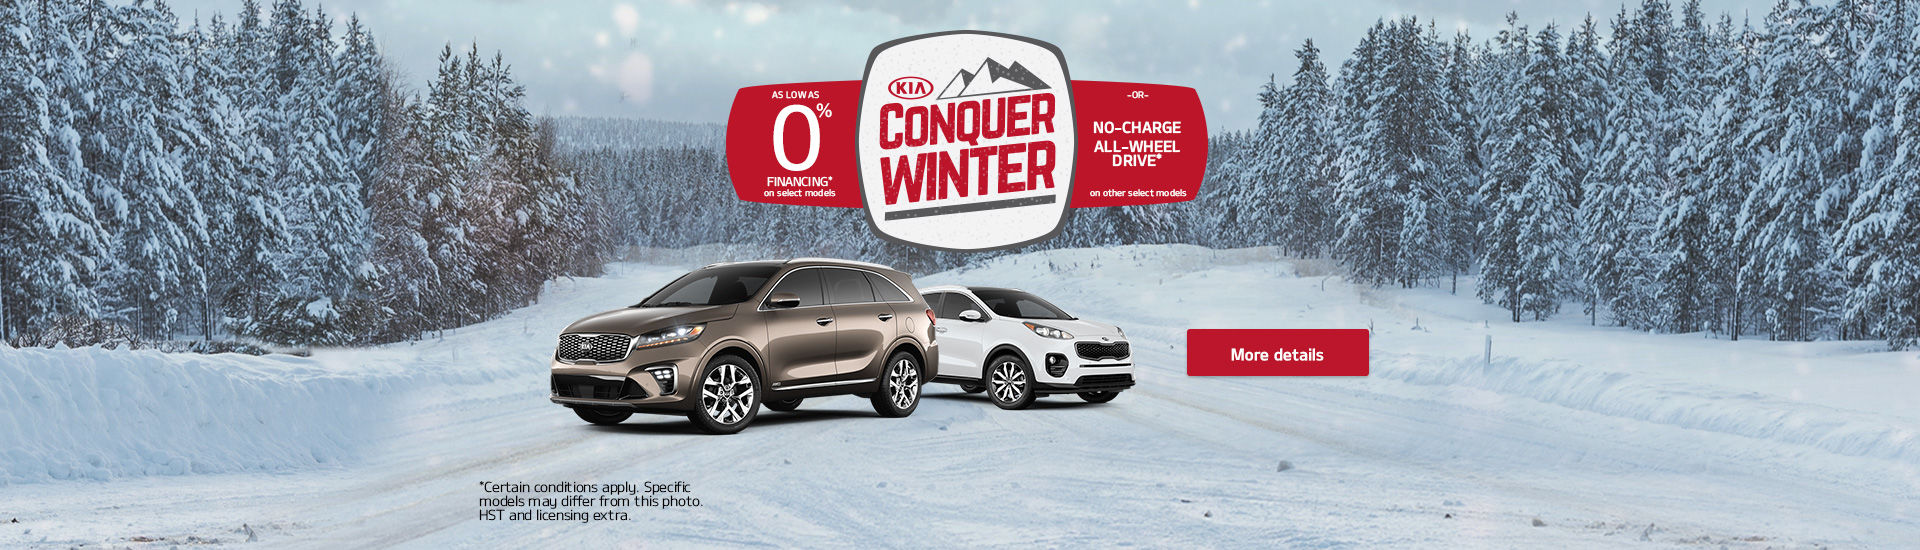 Kia Conquer Winter Event